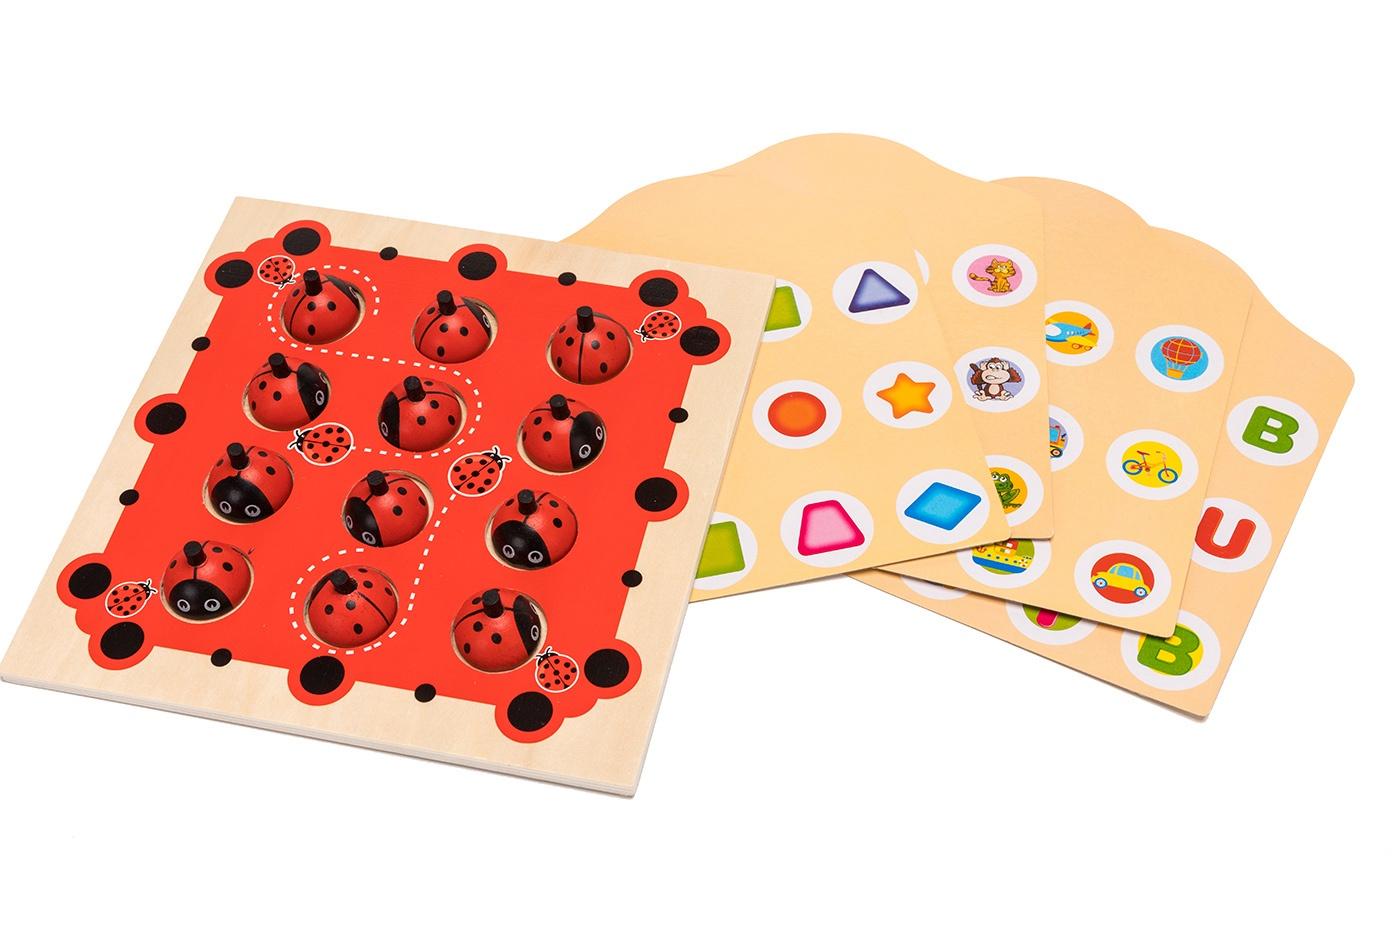 Мемори-игра развивающая настольная Bradex «12 божьих коровок» для детей, DE 0321 цена